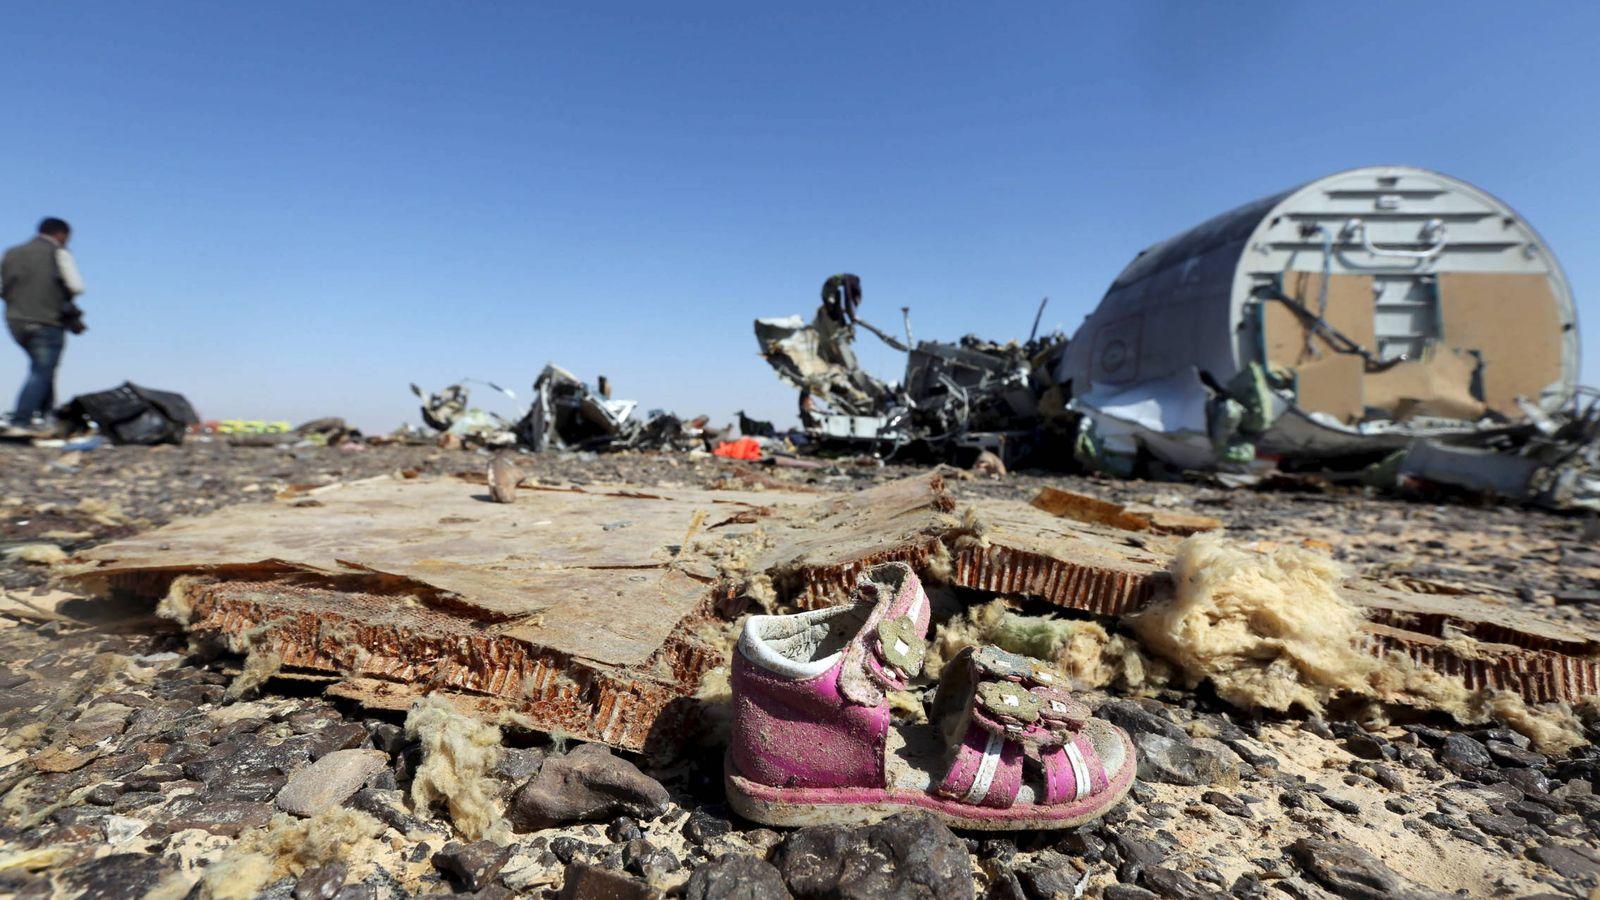 Foto: Restos del avión ruso derribado en el Sinaí, Egipto, por un atentado del Estado Islámico, en noviembre de 2015. (Reuters)